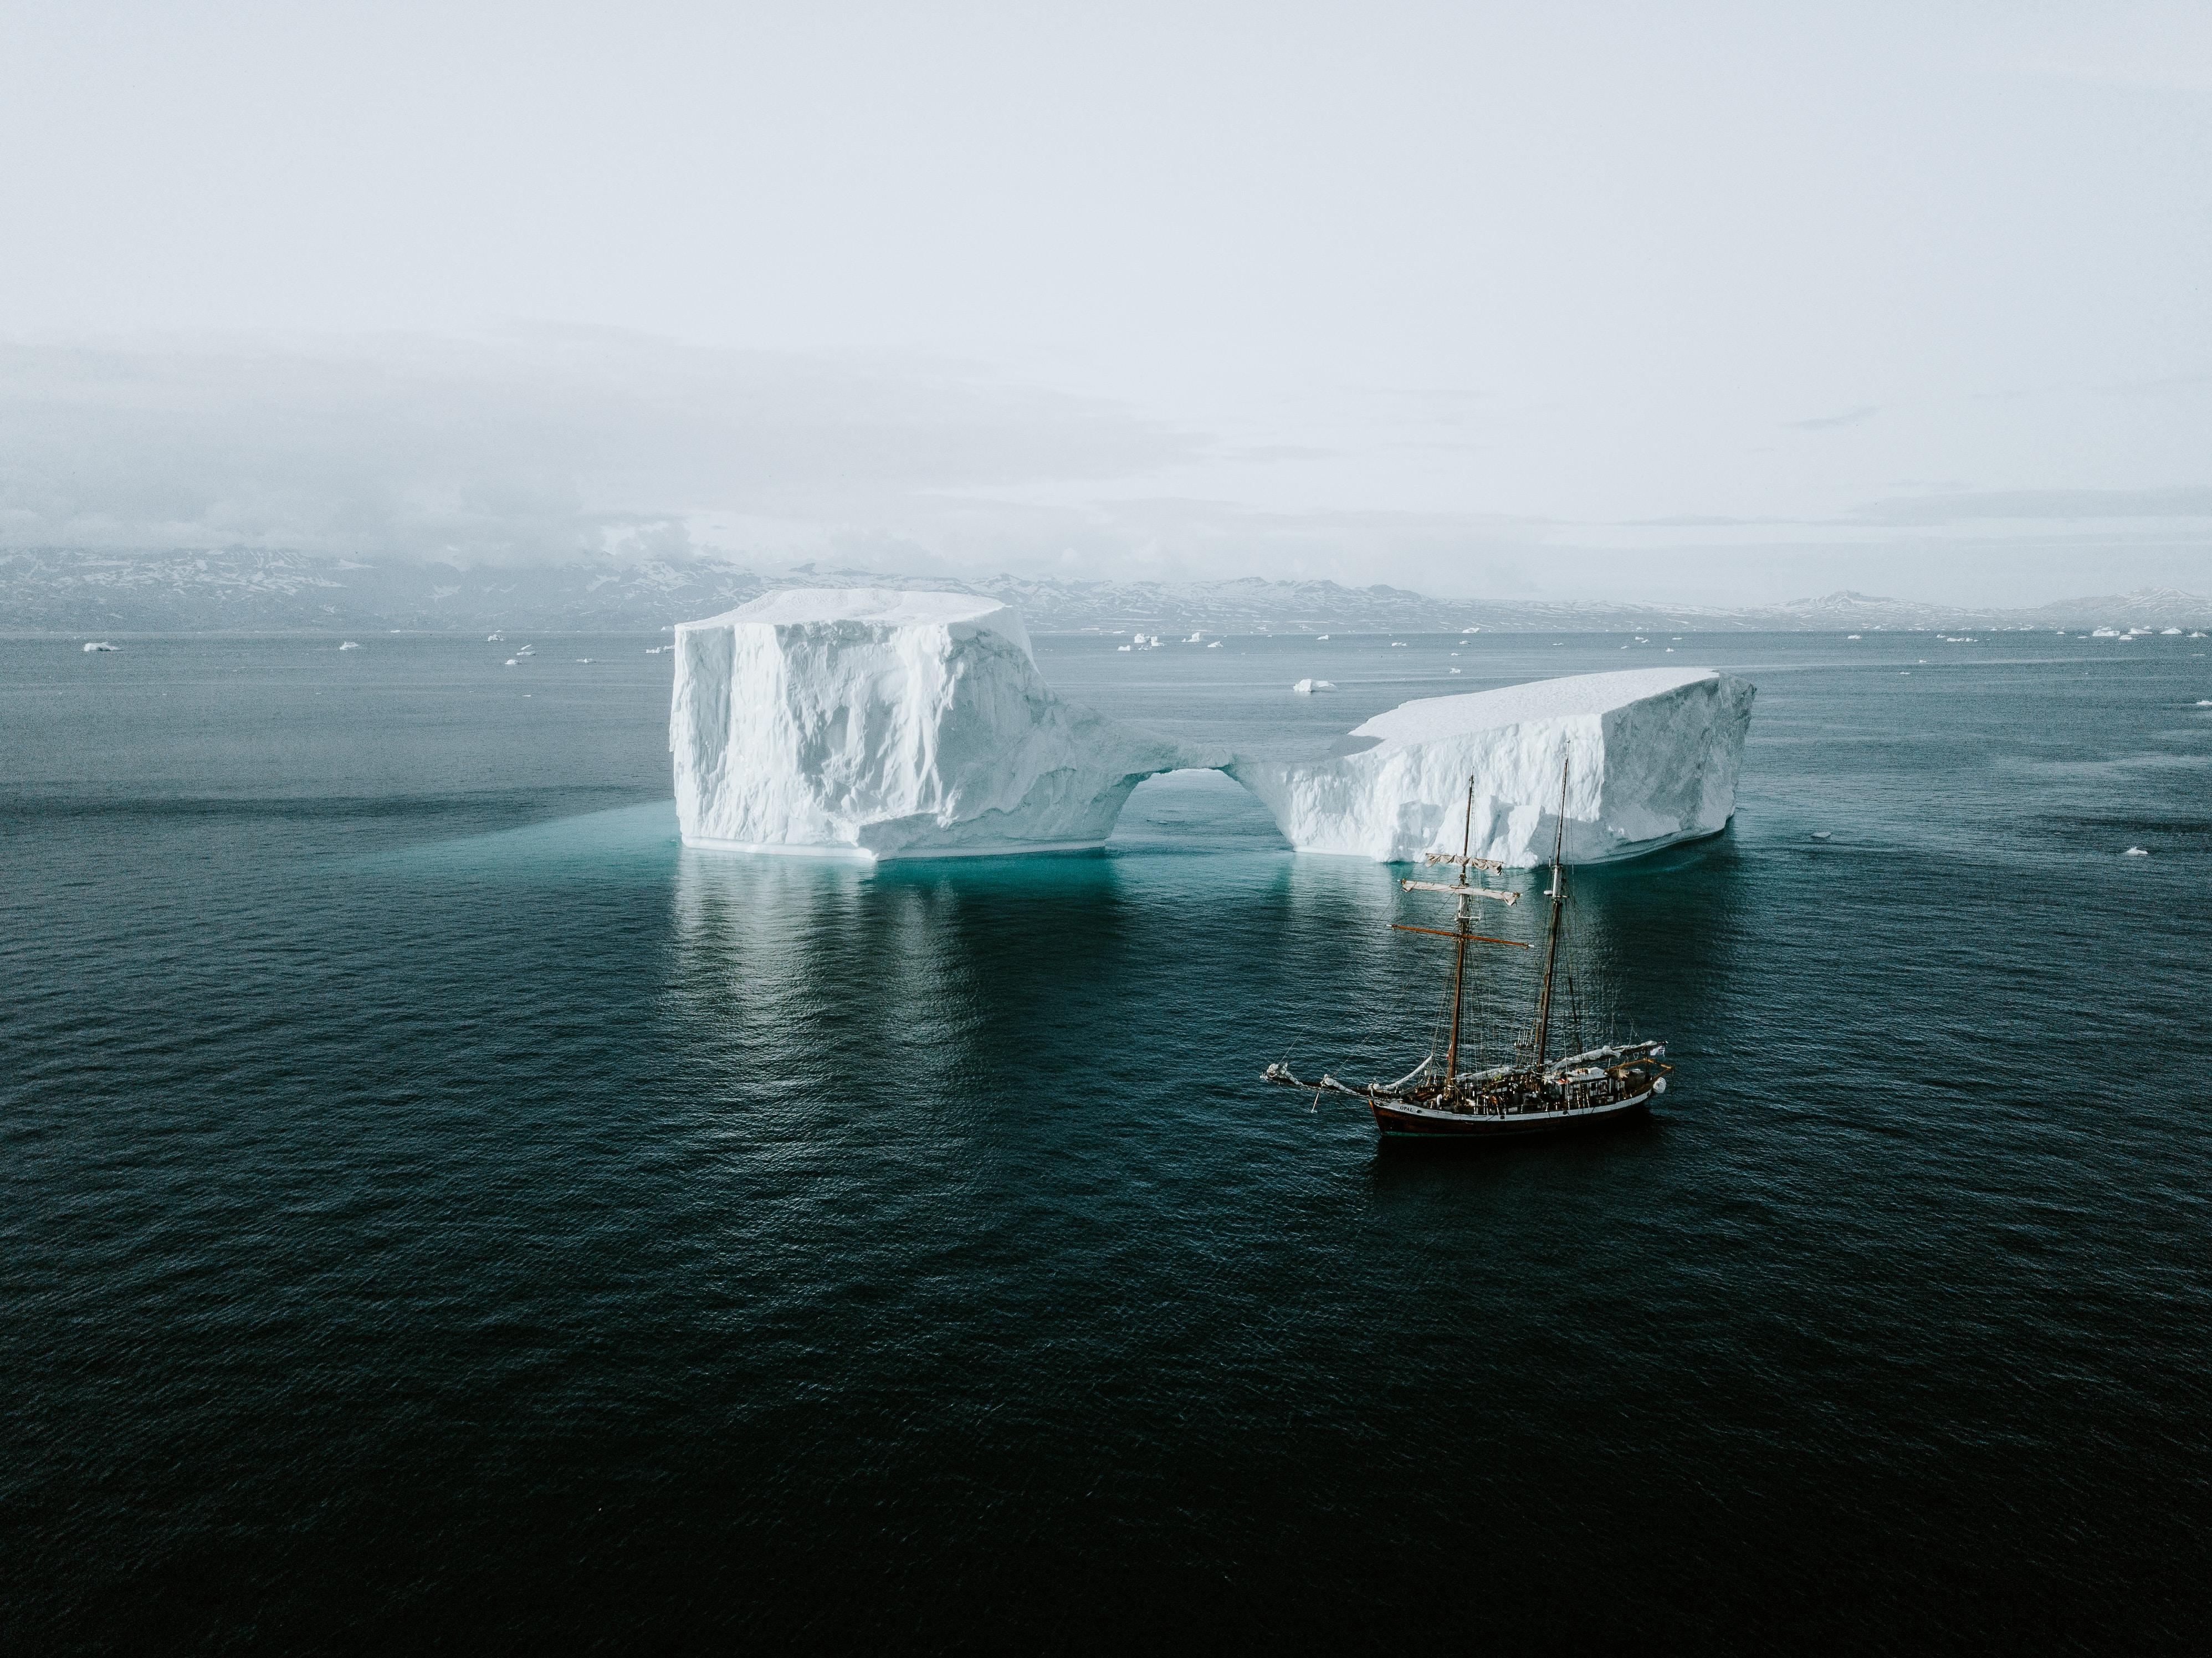 73072 скачать обои Природа, Море, Айсберг, Корабль, Лед, Вода - заставки и картинки бесплатно